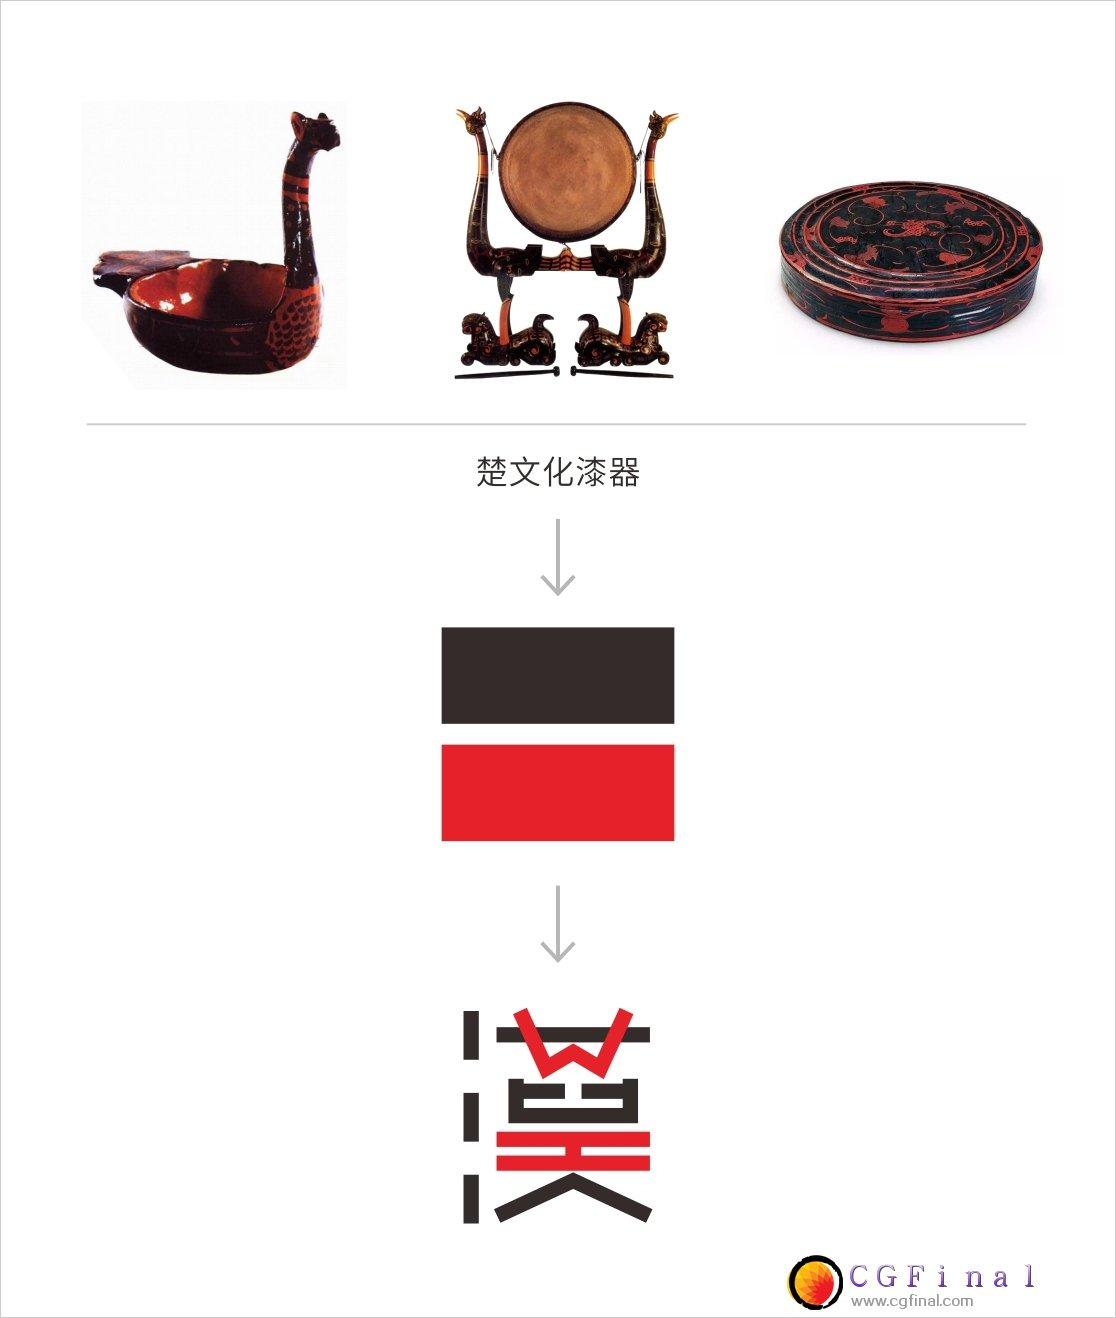 """武汉成功入选世界""""设计之都"""",设计之都LOGO首次公布"""